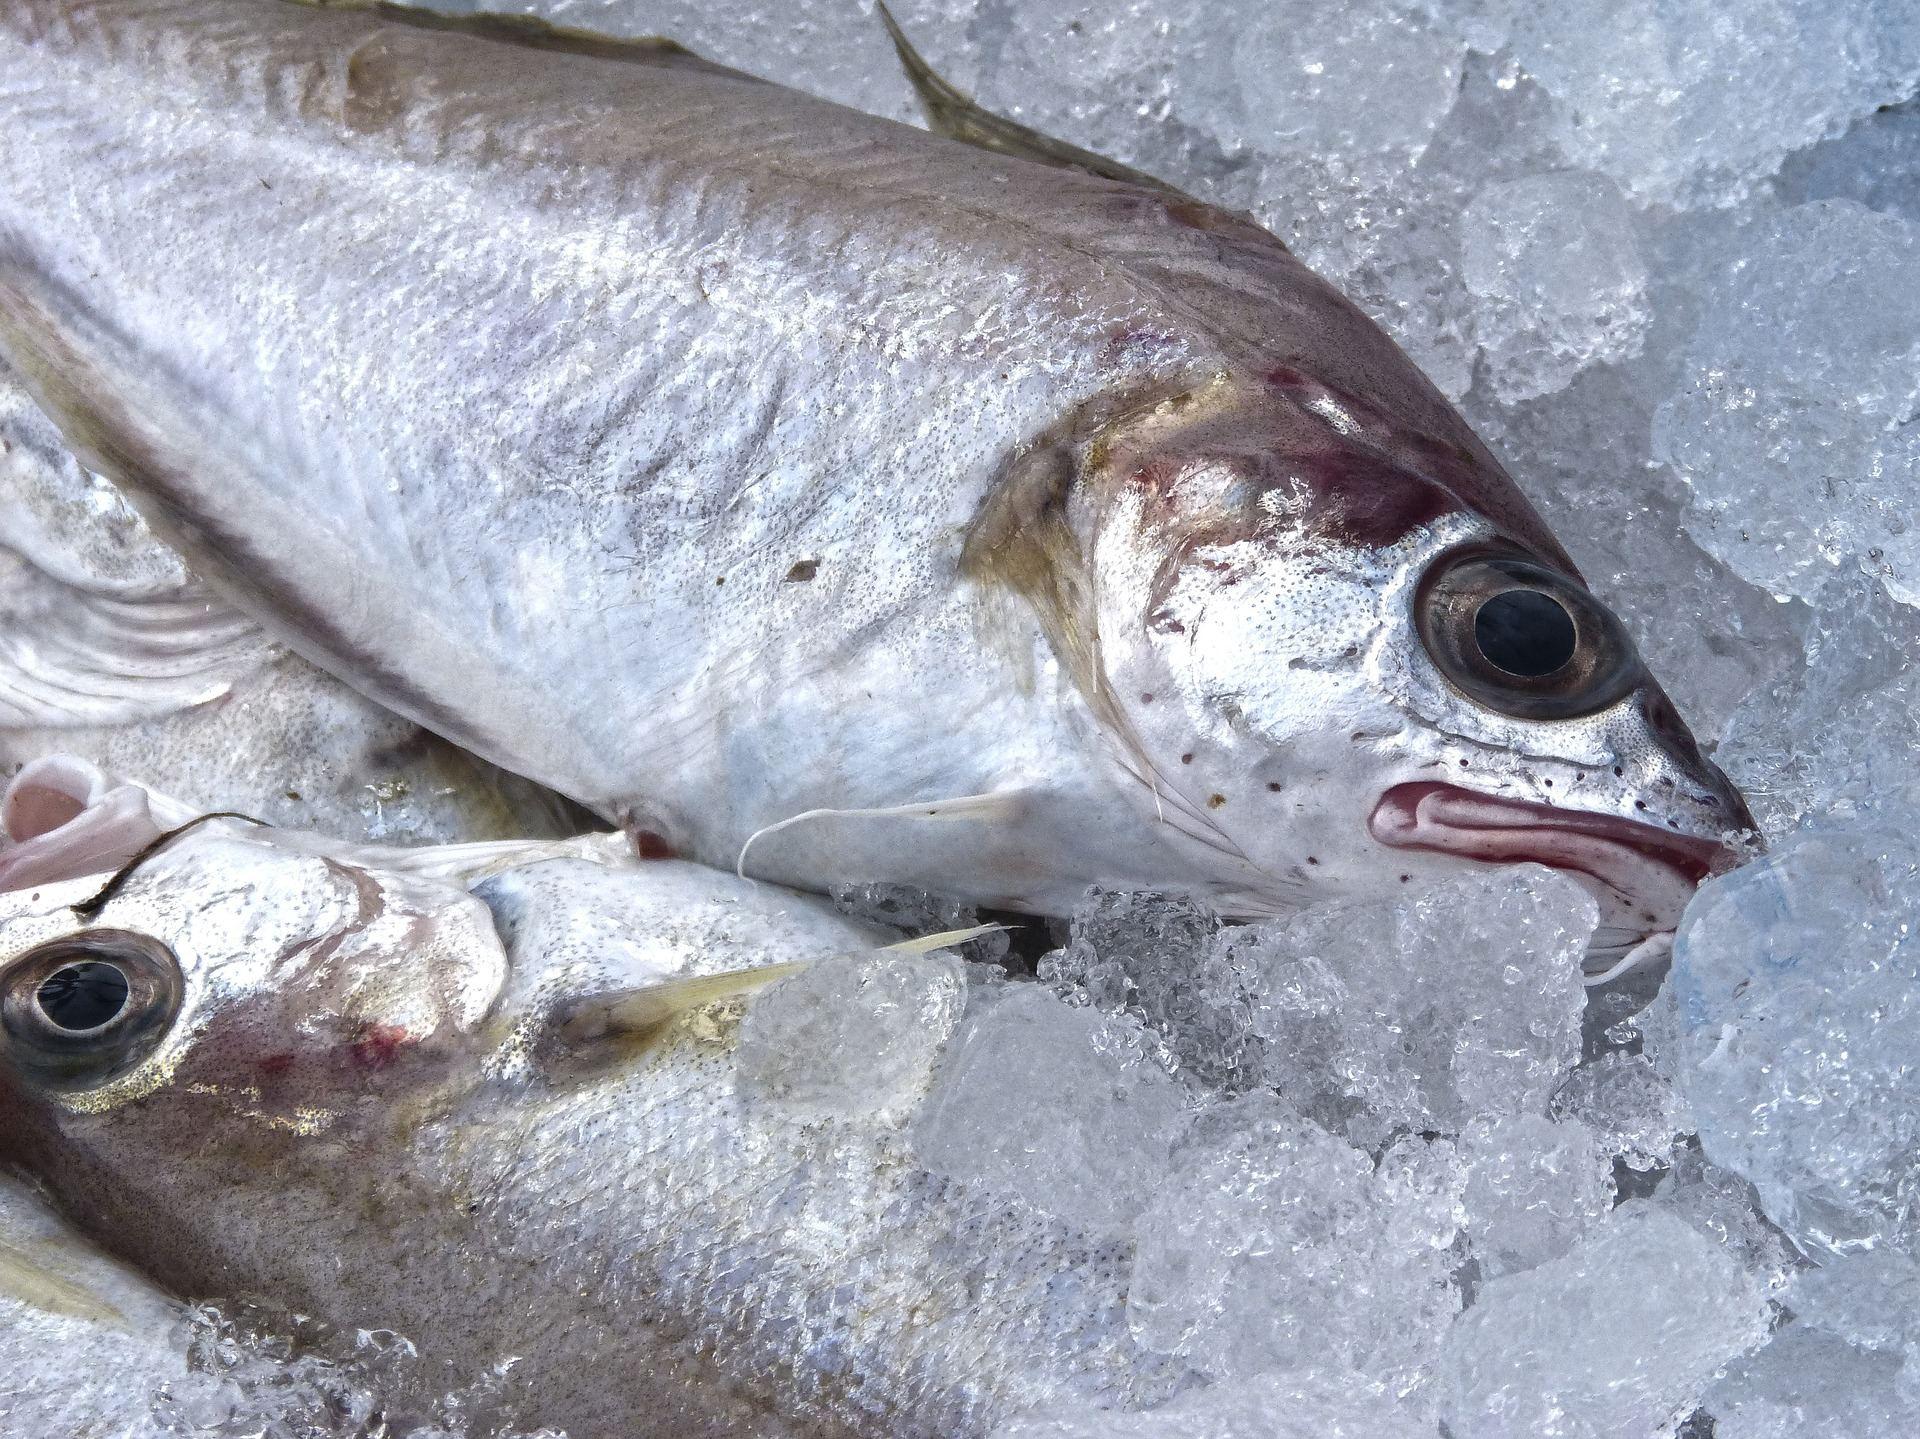 fresh-fish-1152113_1920